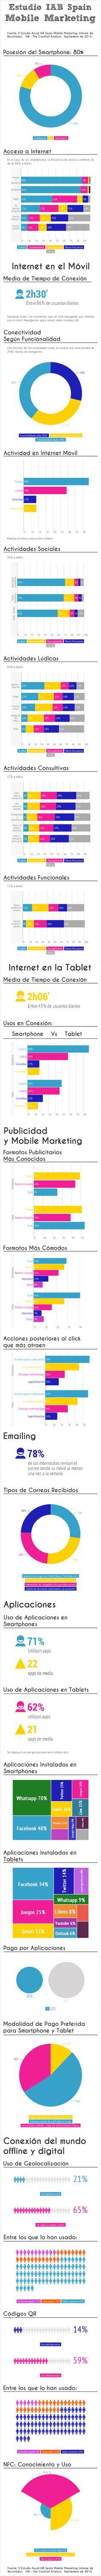 Mobile Marketing en España, Estudio IAB Spain (Infografía) #mobilemarketing